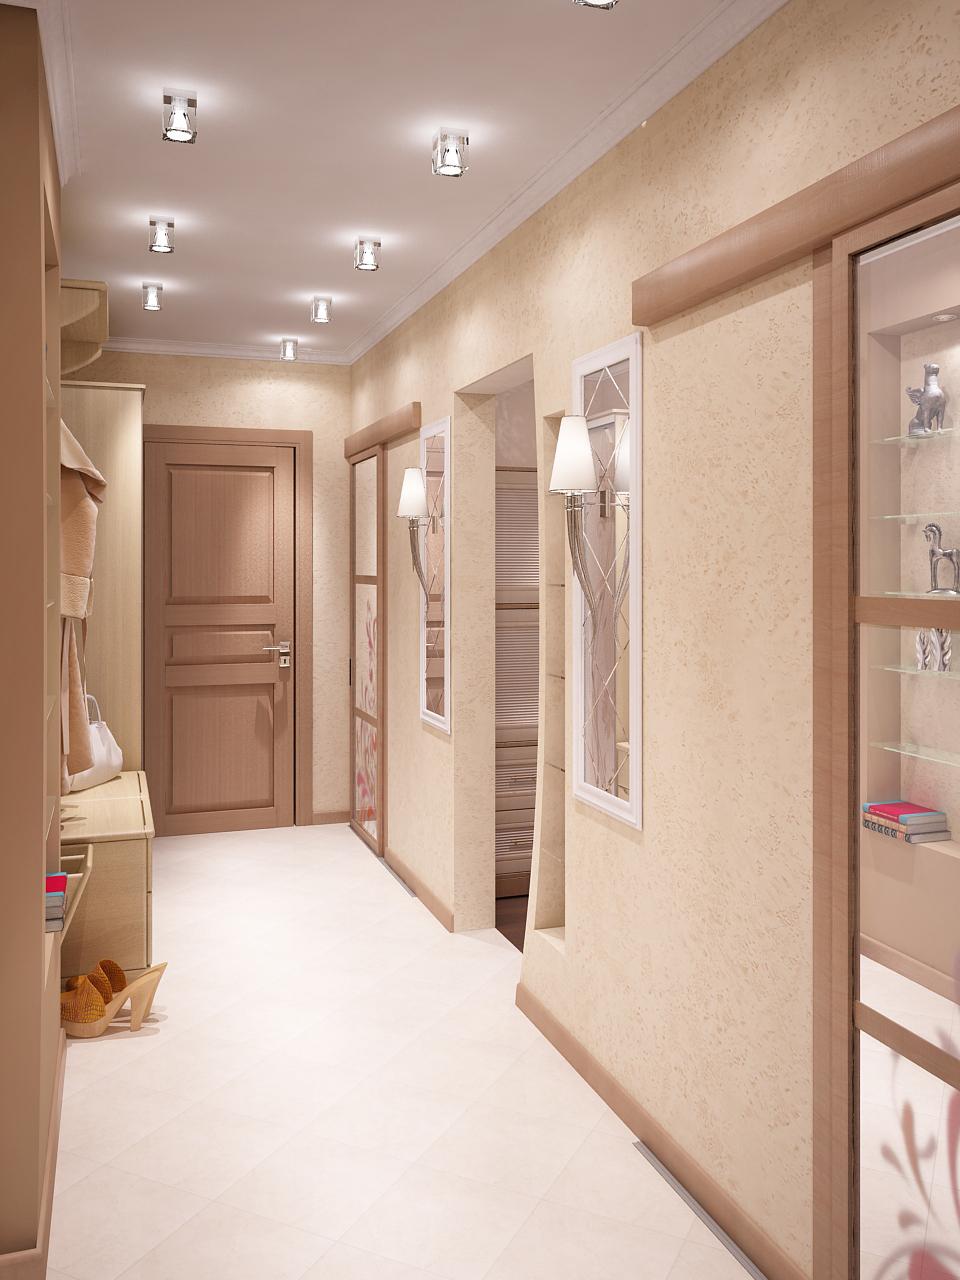 Точечные стеклянные светильники и настенные бра в коридоре